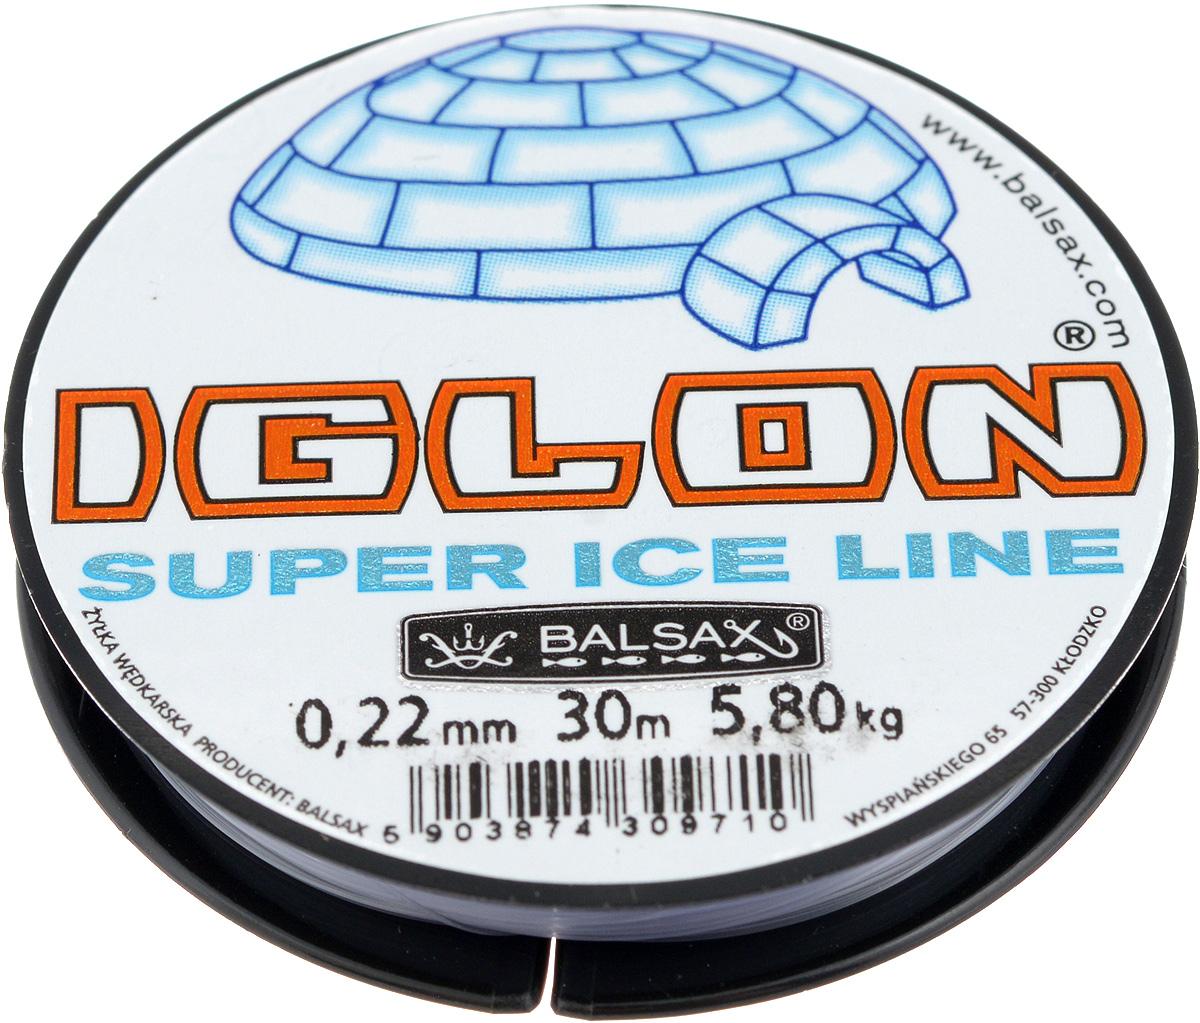 Леска зимняя Balsax Iglon, 30 м, 0,22 мм, 5,8 кг312-06022Леска Balsax Iglon изготовлена из 100% нейлона и очень хорошо выдерживает низкие температуры. Даже в самом холодном климате, при температуре вплоть до -40°C, она сохраняет свои свойства практически без изменений, в то время как традиционные лески становятся менее эластичными и теряют прочность. Поверхность лески обработана таким образом, что она не обмерзает и отлично подходит для подледного лова. Прочна в местах вязки узлов даже при минимальном диаметре.